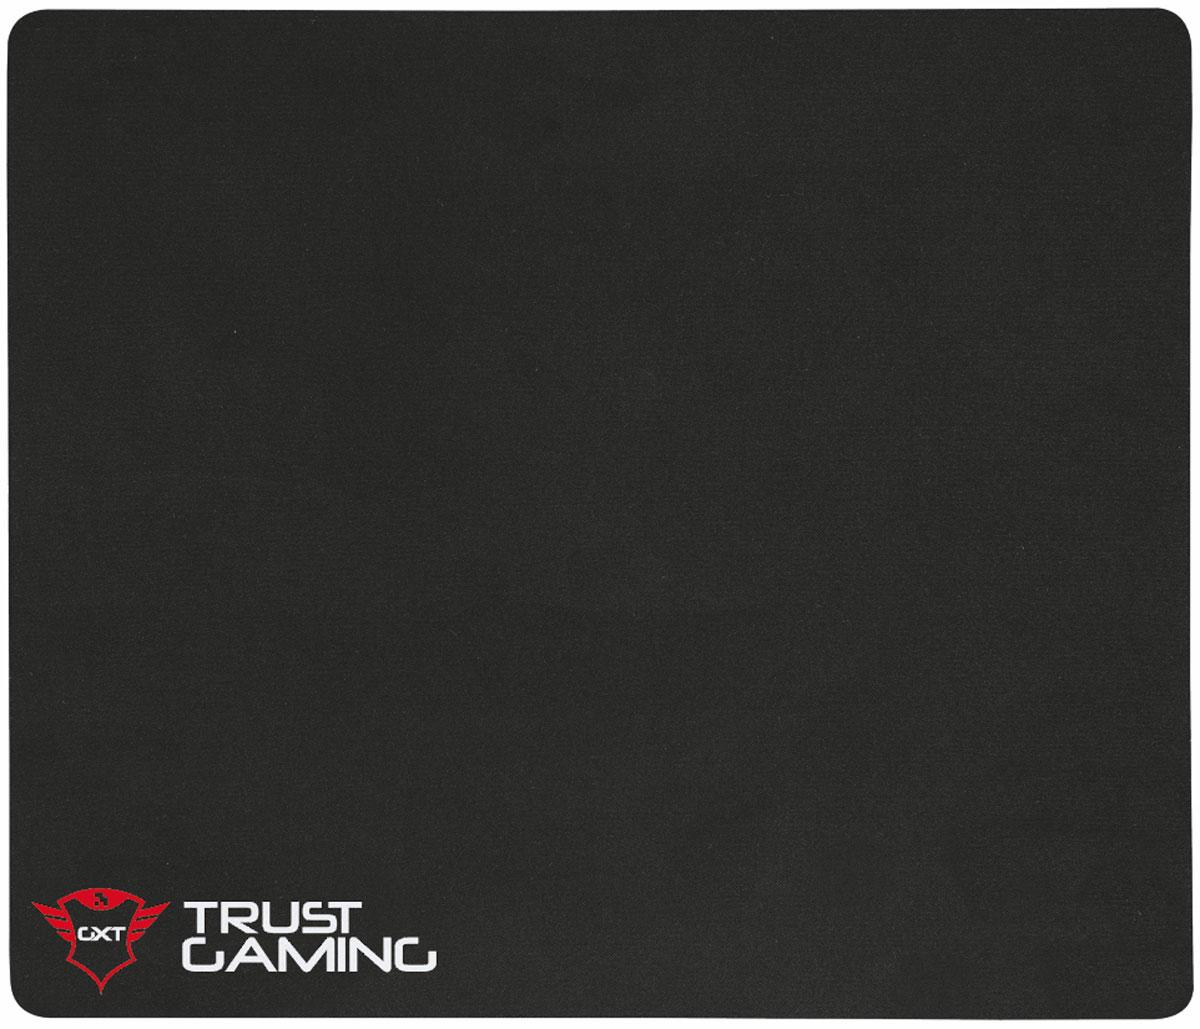 Trust GXT 752 Mouse Pad M, Black коврик для мыши21566Trust GXT 752 Mouse Pad M - игровой мягкий коврик для мыши.Улучшенное покрытие обеспечивает максимальную точность и удобство управления Подходит для любого типа мыши с любой чувствительностью Резиновая нижняя часть с защитой от скольжения